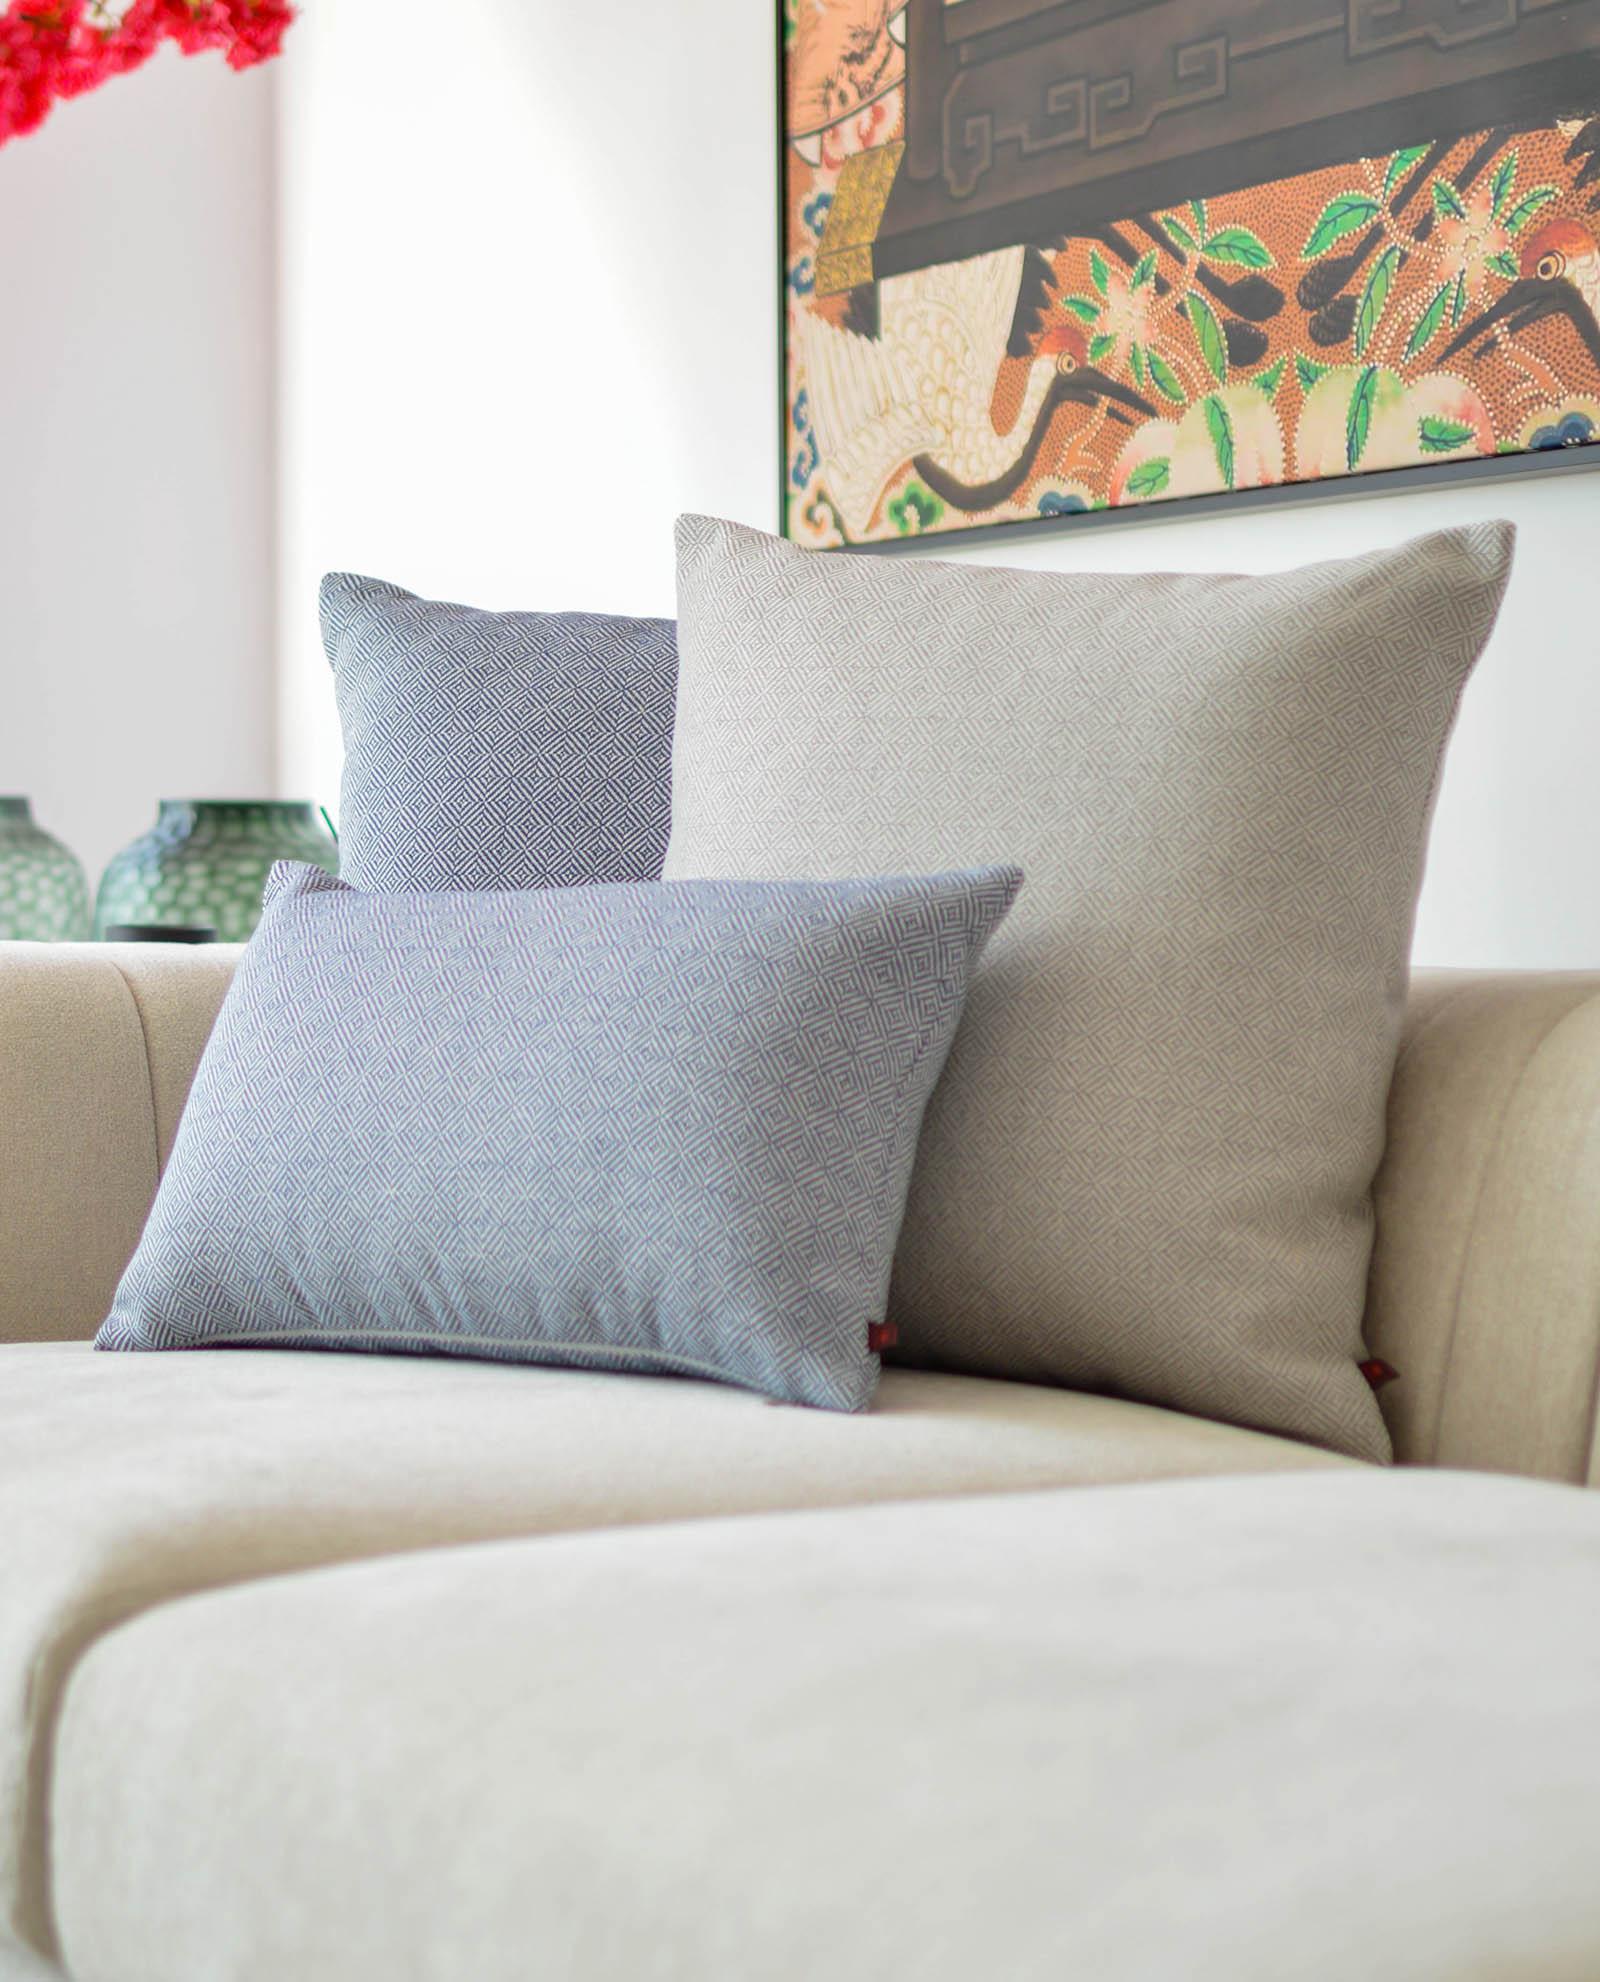 almofada padrão em cinza